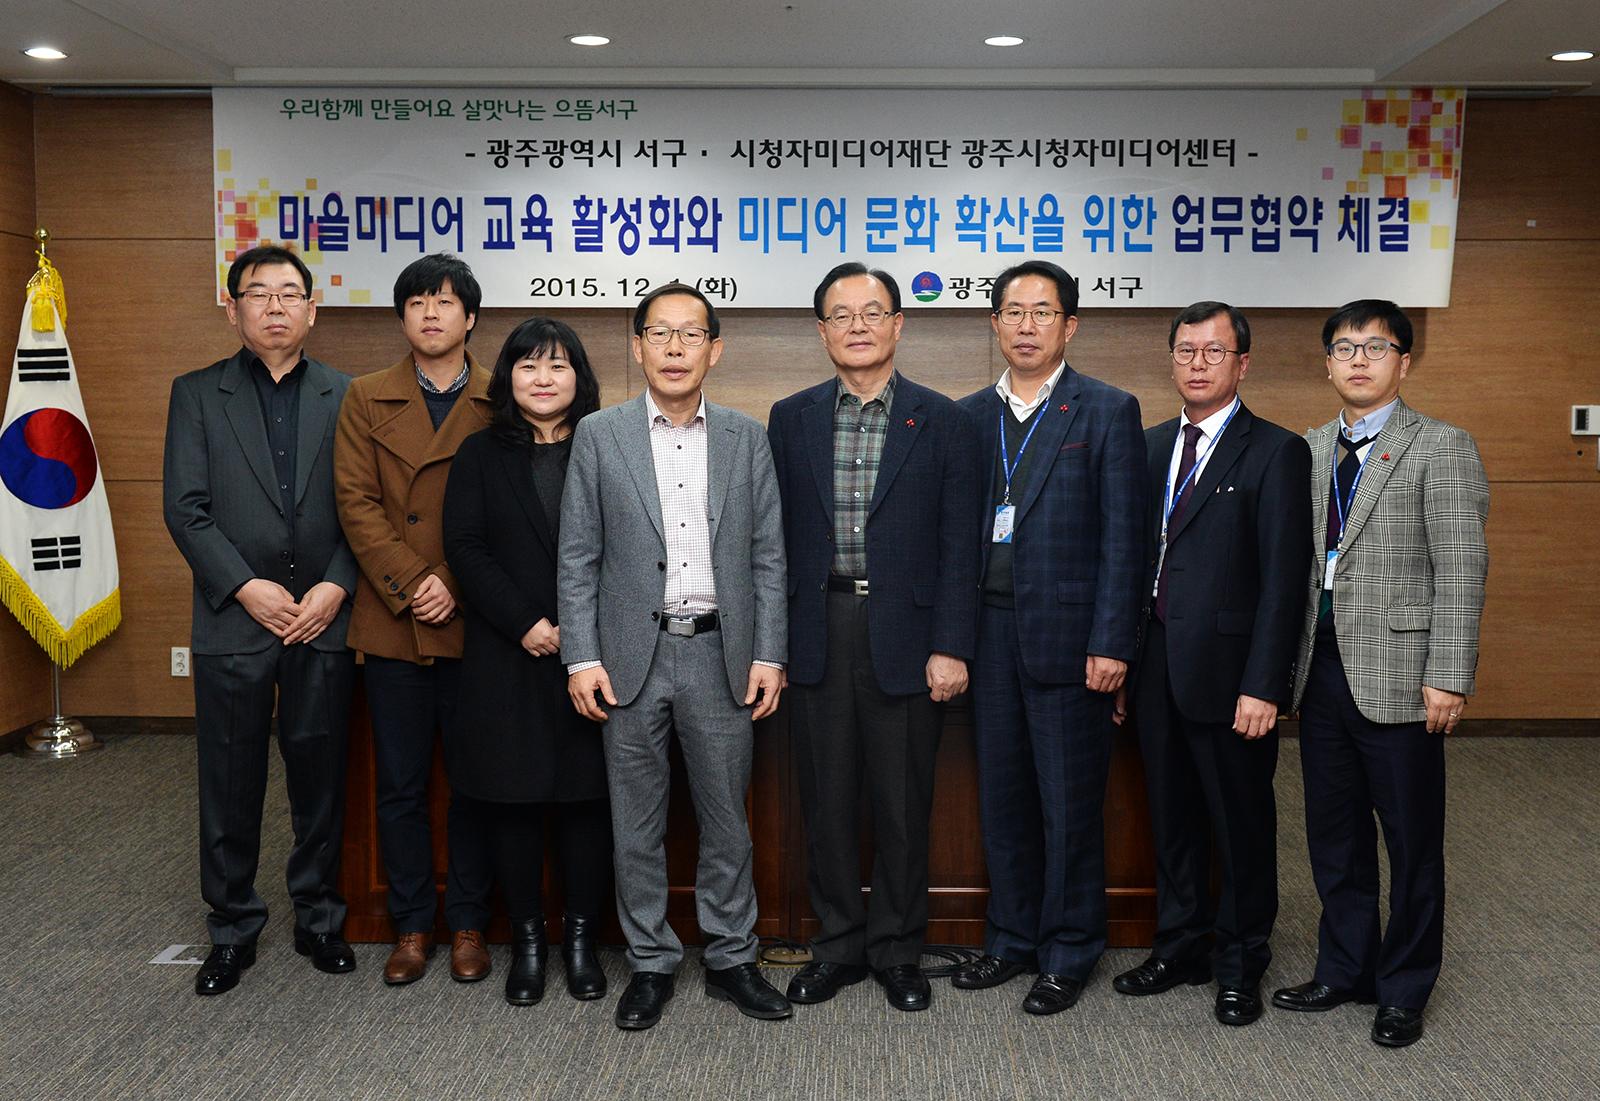 광주광역시 서구 - 시청자미디어재단 광주시청자미디어센터  MOU